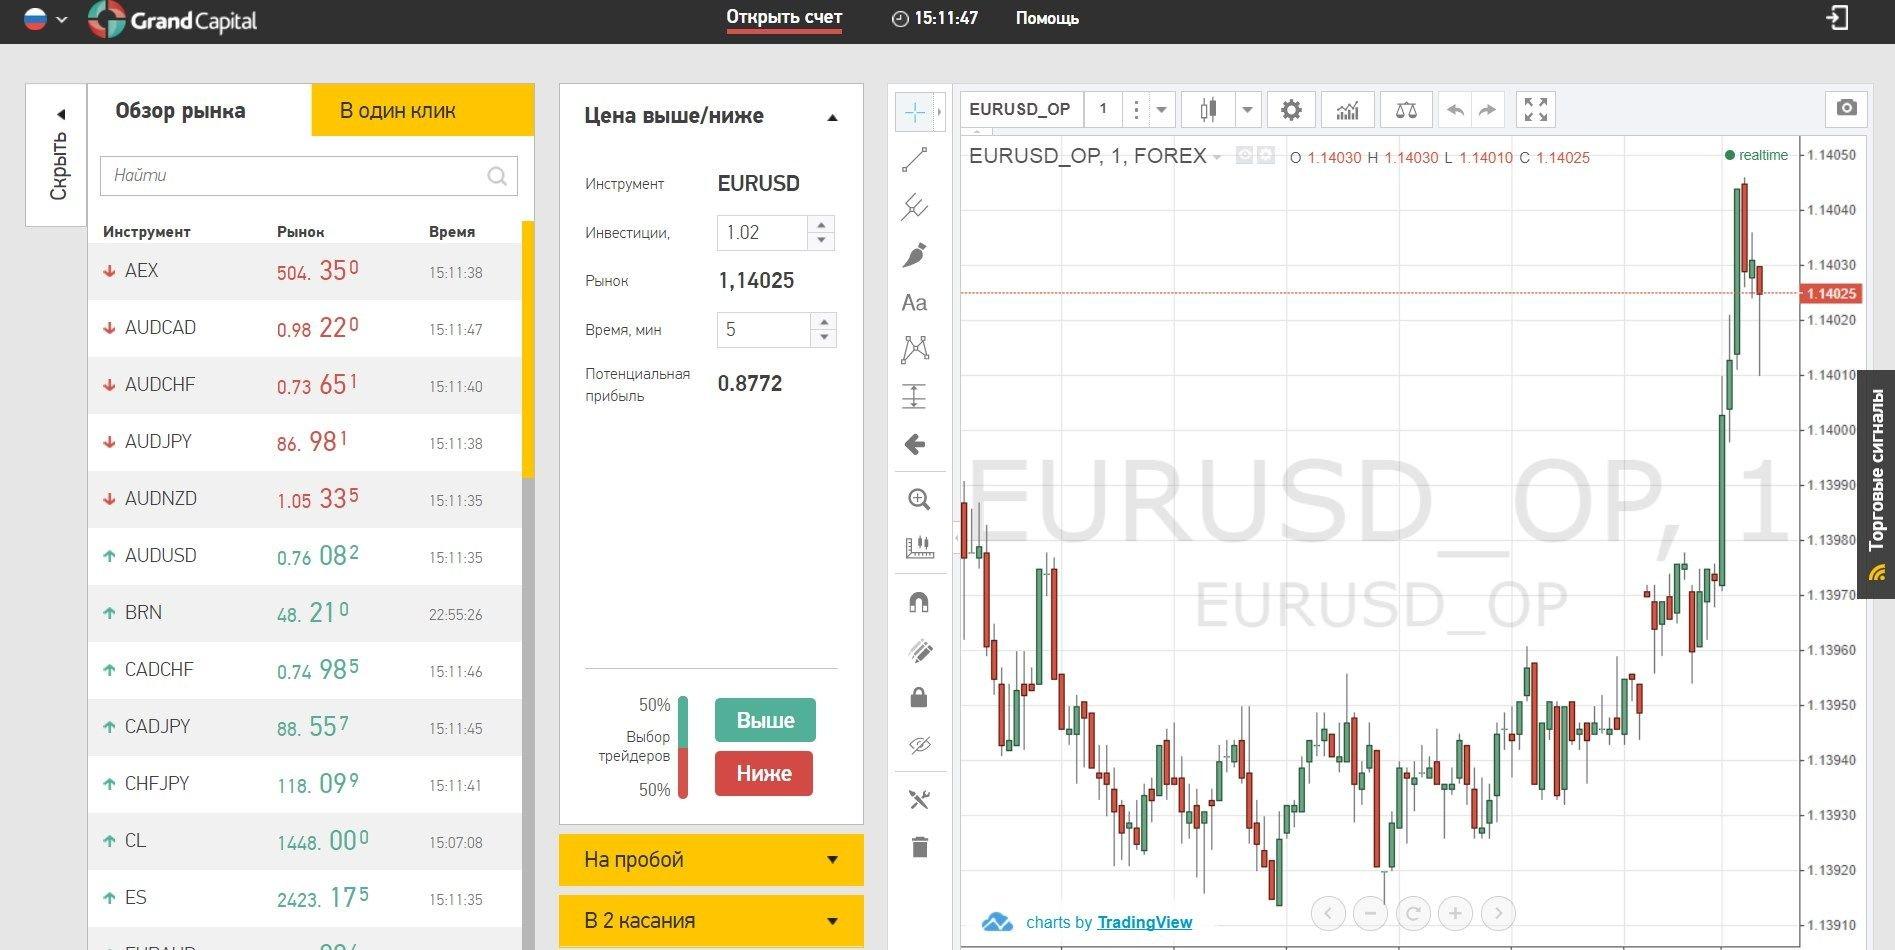 Пользователям Grand Capital доступны бесплатные торговые сигналы